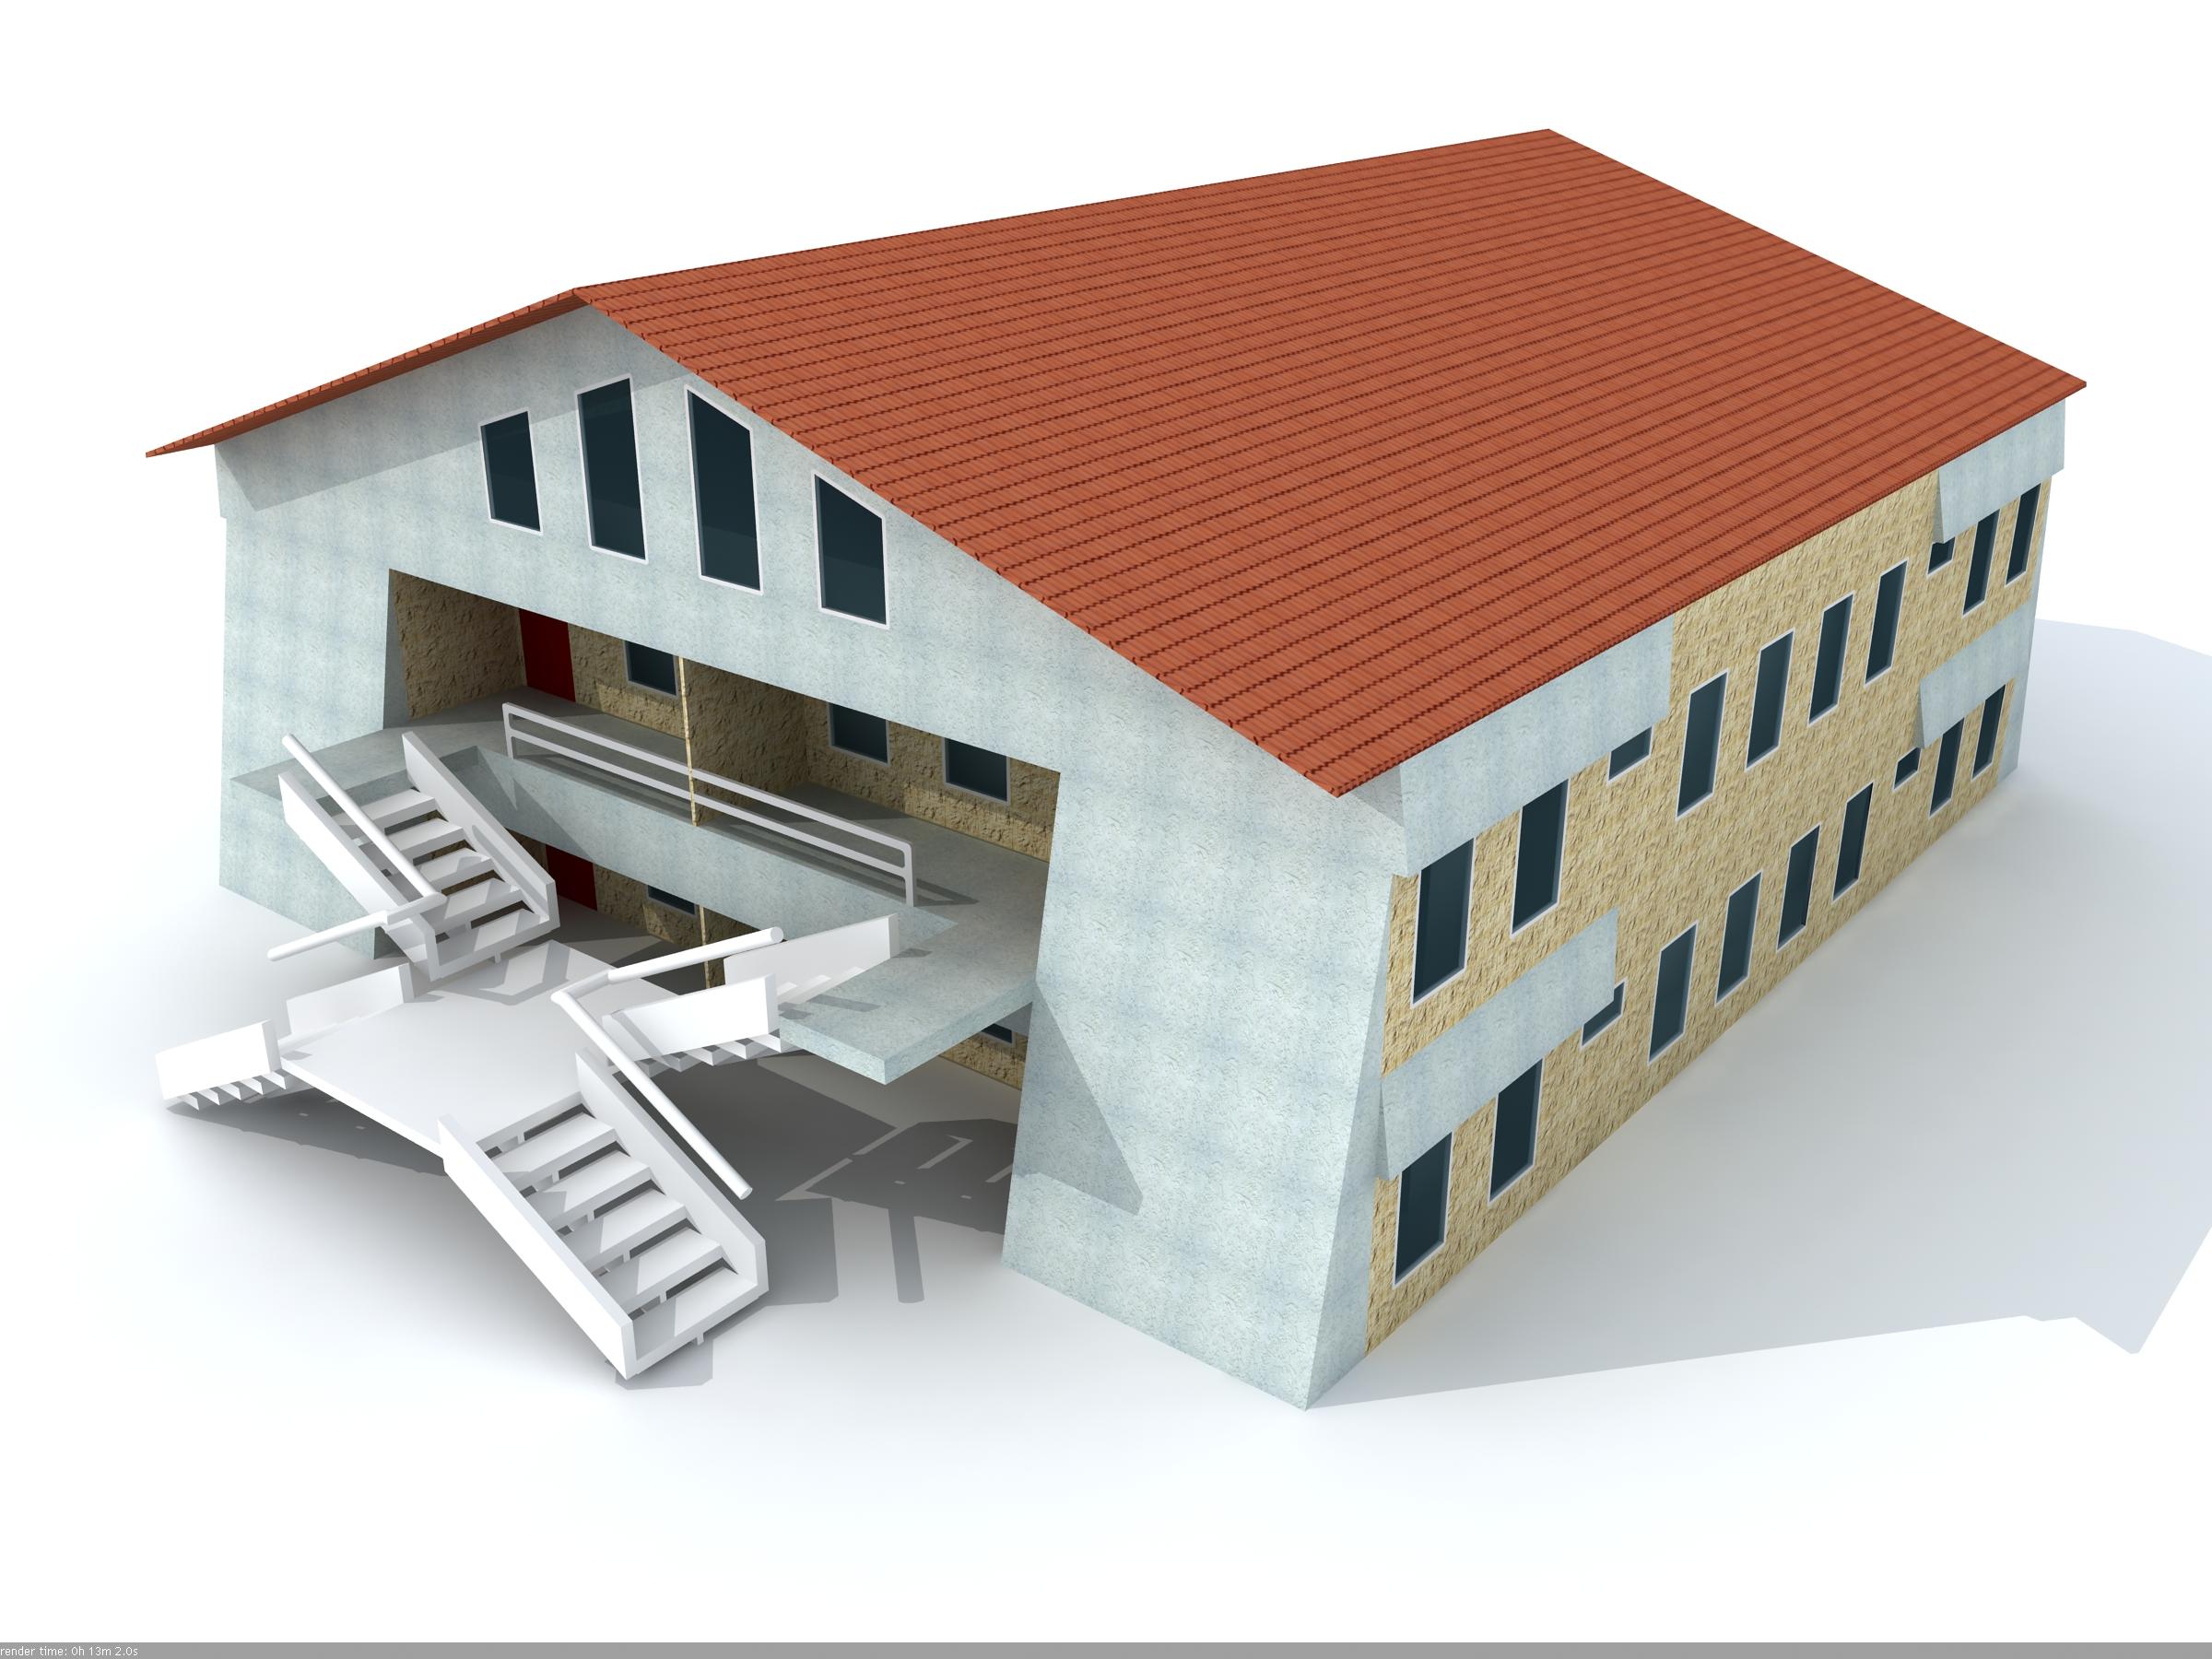 مؤسسة بدر للتجارة فايبر جلاس تصاميم